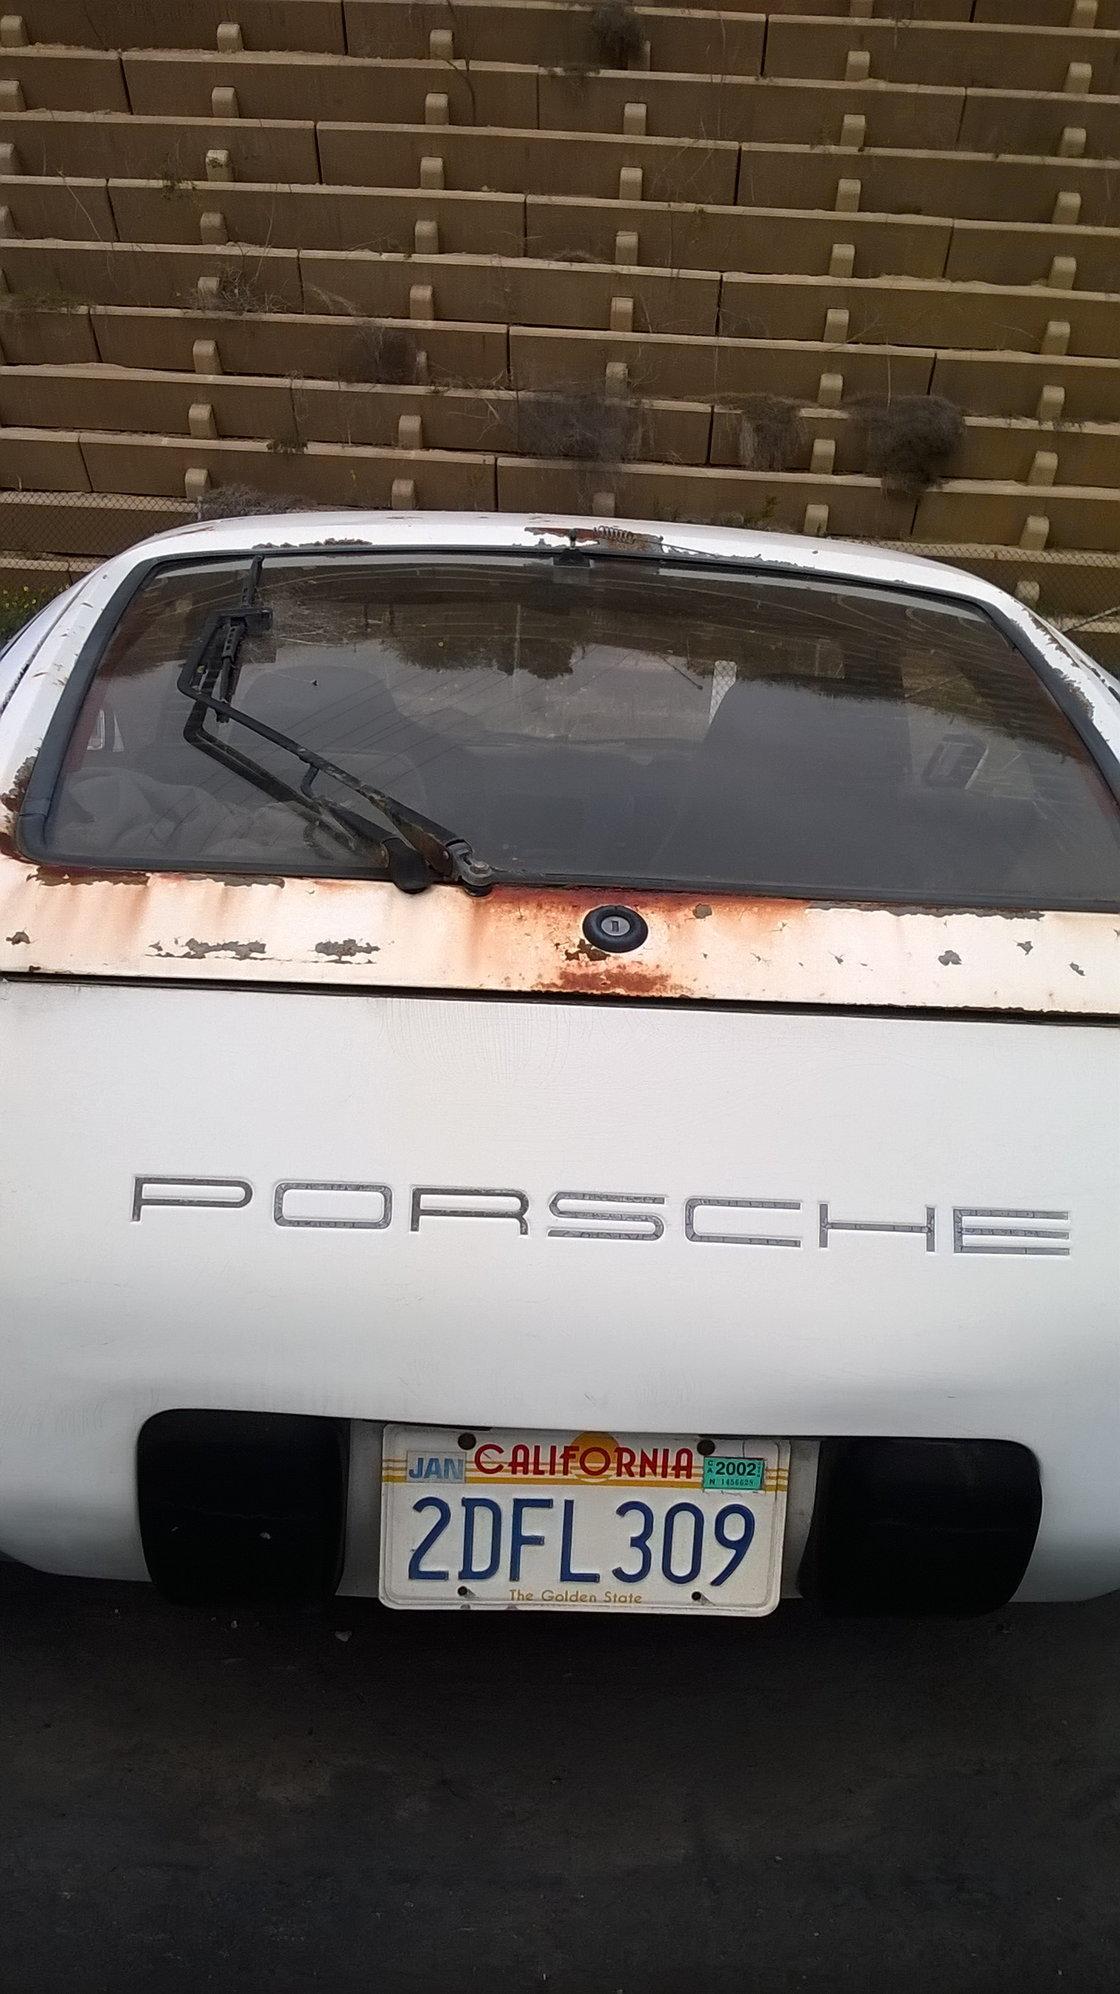 Craigslist: San Diego - Parts Car x2 - Rennlist - Porsche ...